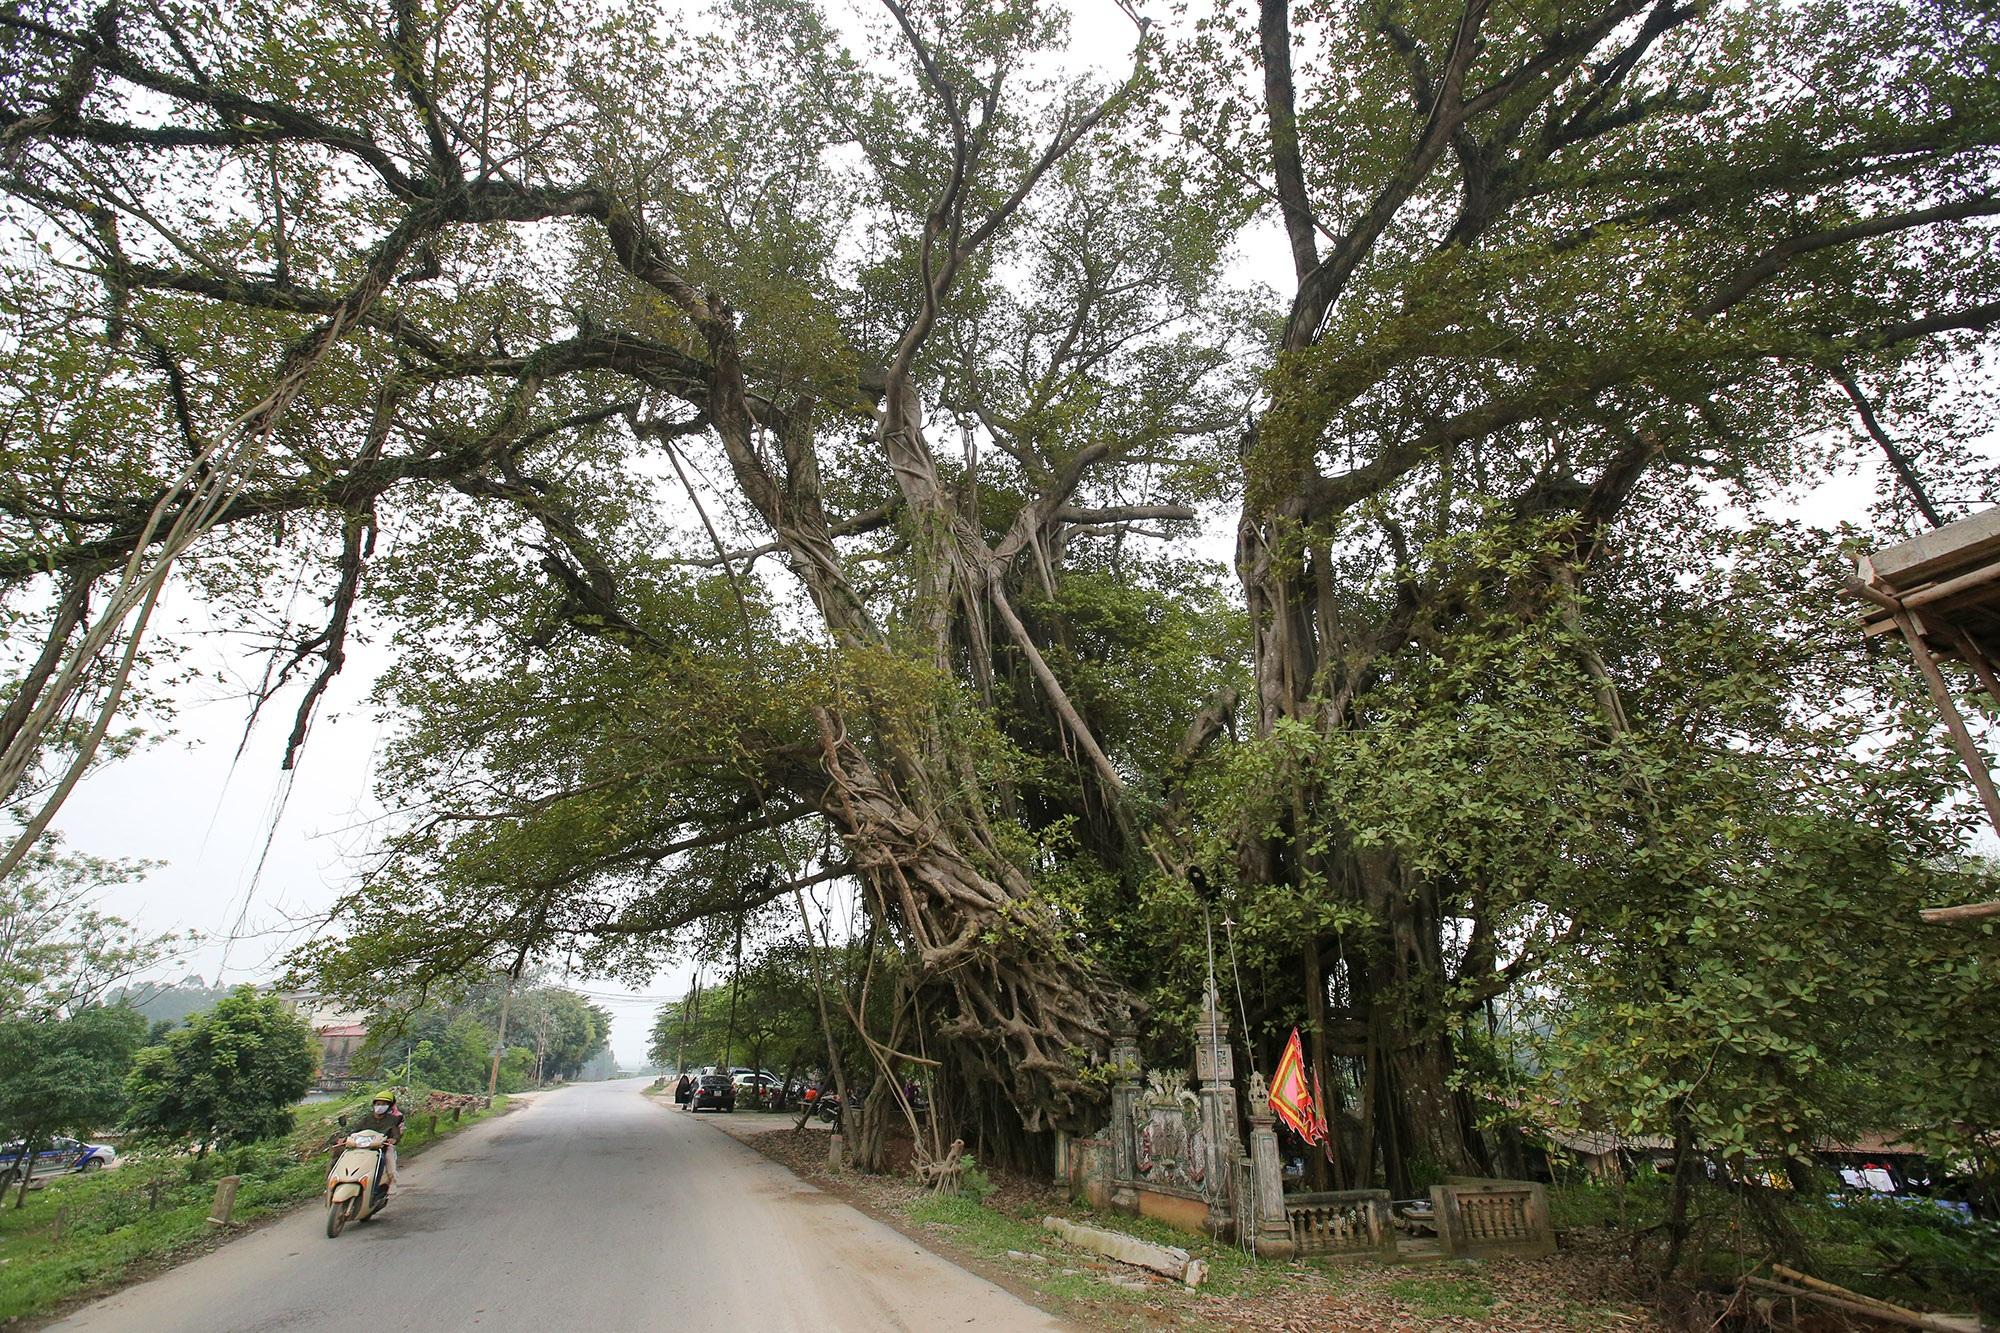 Chuyện ít người biết về cây đa khổng lồ ở xã Viên Nội - 2